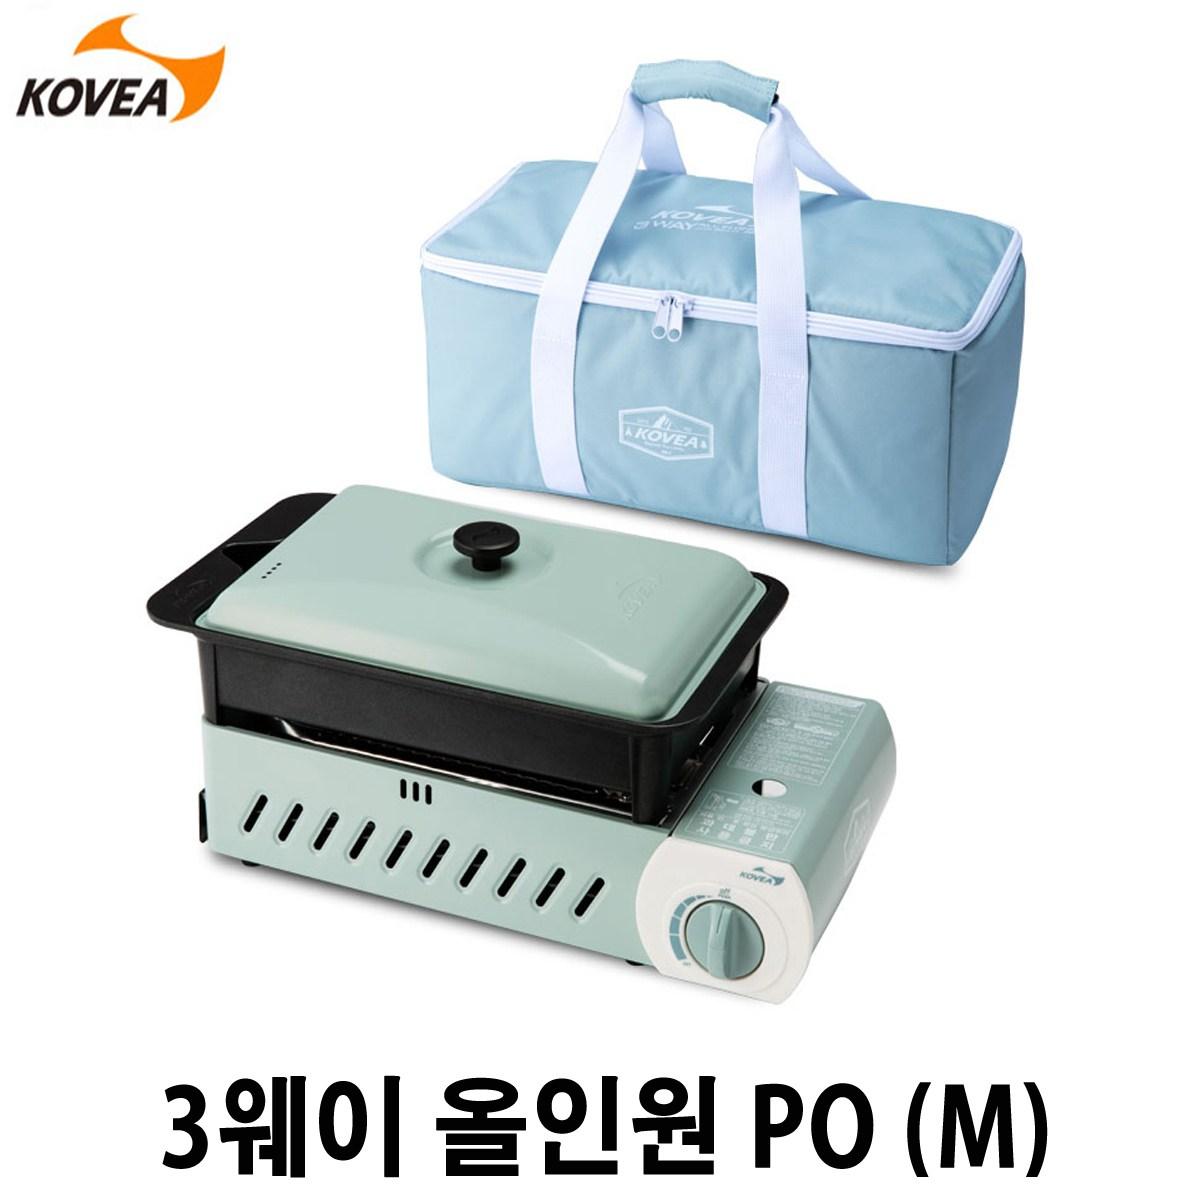 코베아 구이바다 3웨이 올인원 PO (M) / 수납케이스포함 / 구이바다 / 휴대용가스렌지 / 가스버너